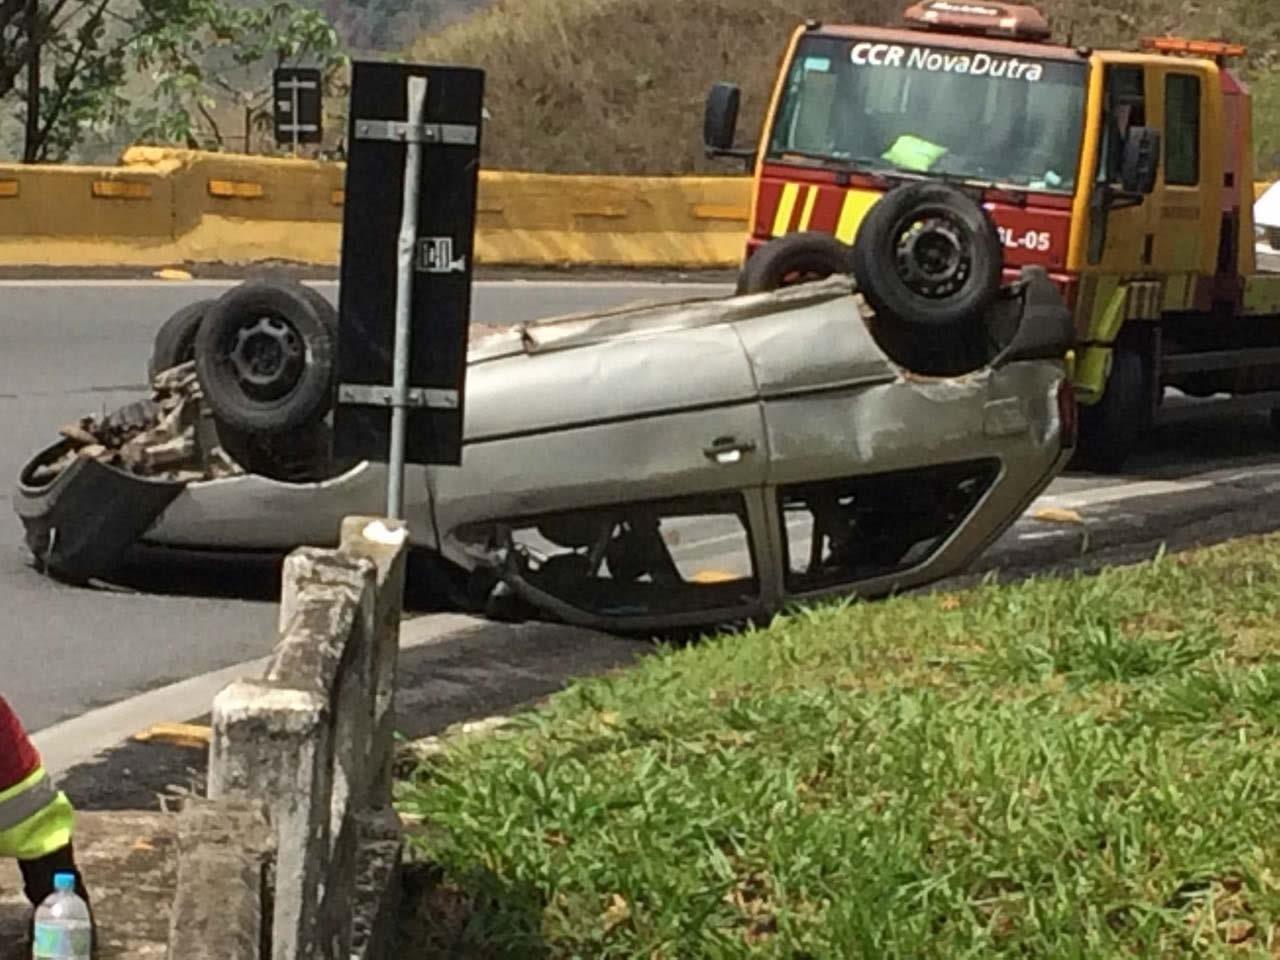 Acidente na Serra das Araras deixa três feridos em Piraí, RJ